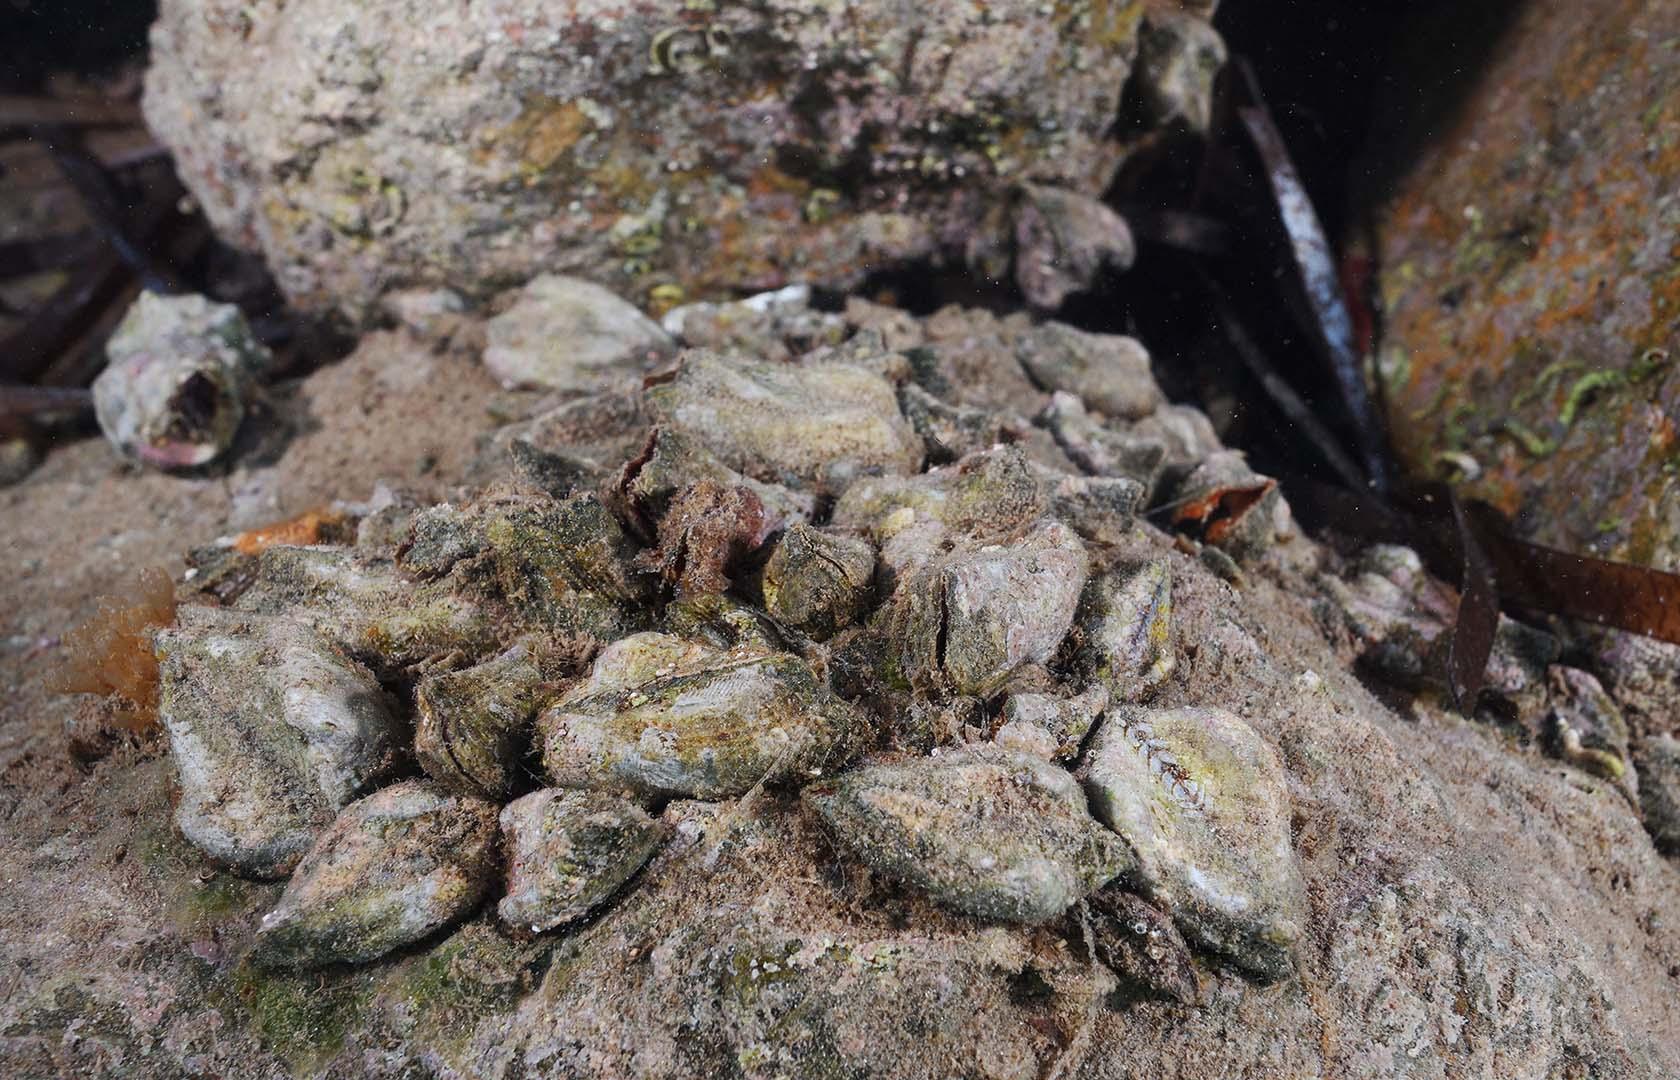 Es una especie típica de fondos duros, tanto rocas como paredes de puertos y escolleras.